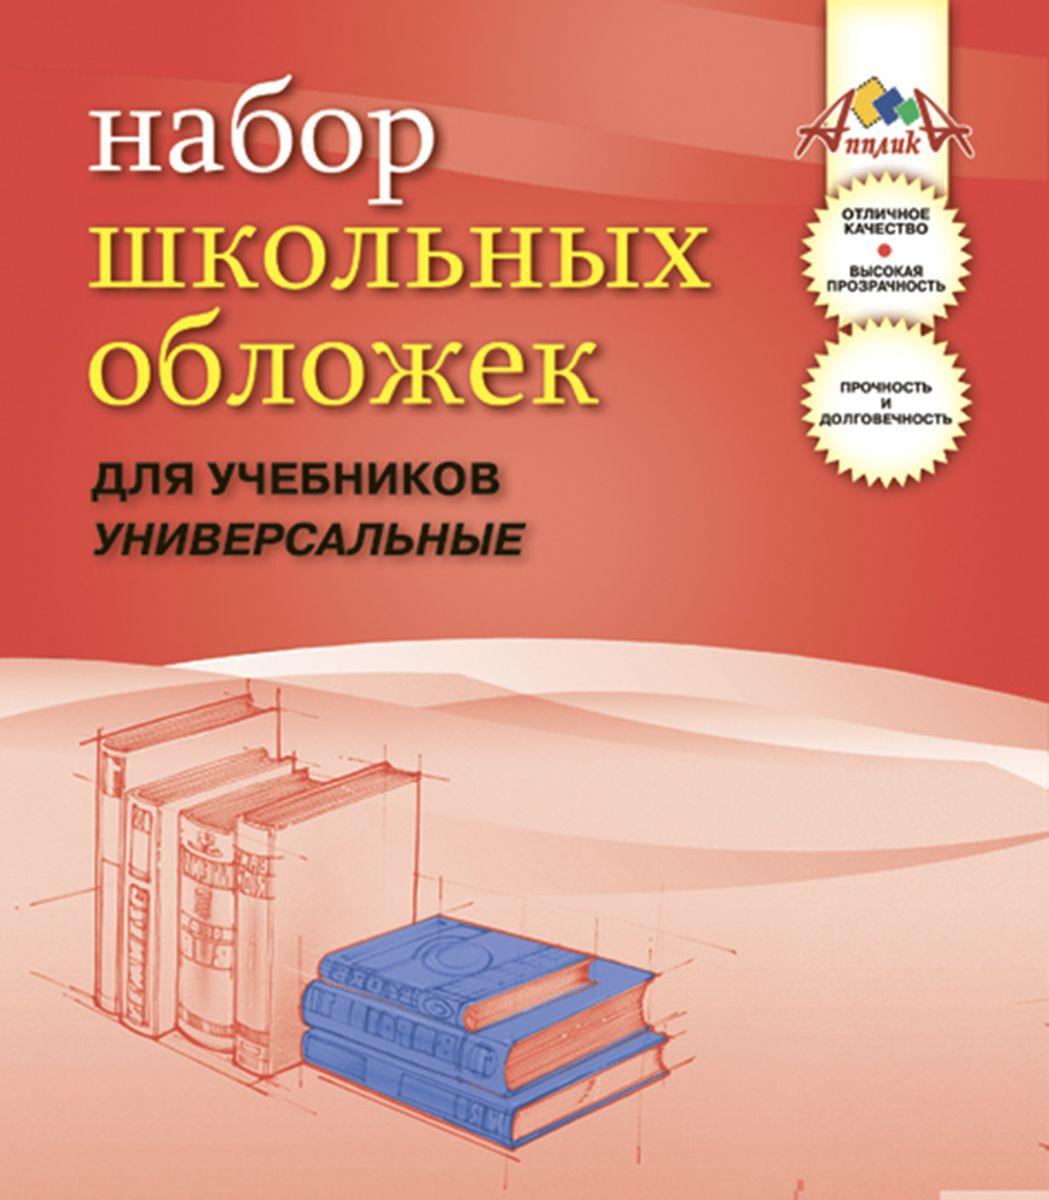 Апплика Набор универсальных обложек для учебников 10 шт С0840-01NFn_04059Набор универсальных обложек для учебников Апплика выполнен из полупрозрачного ПВХ. Они предназначены для защиты учебников от пыли, грязи и механических повреждений. Отличное качество, высокая прозрачность, прочность и долговечность - это главные преимущества данных обложек. В наборе 10 обложек полупрозрачного цвета.